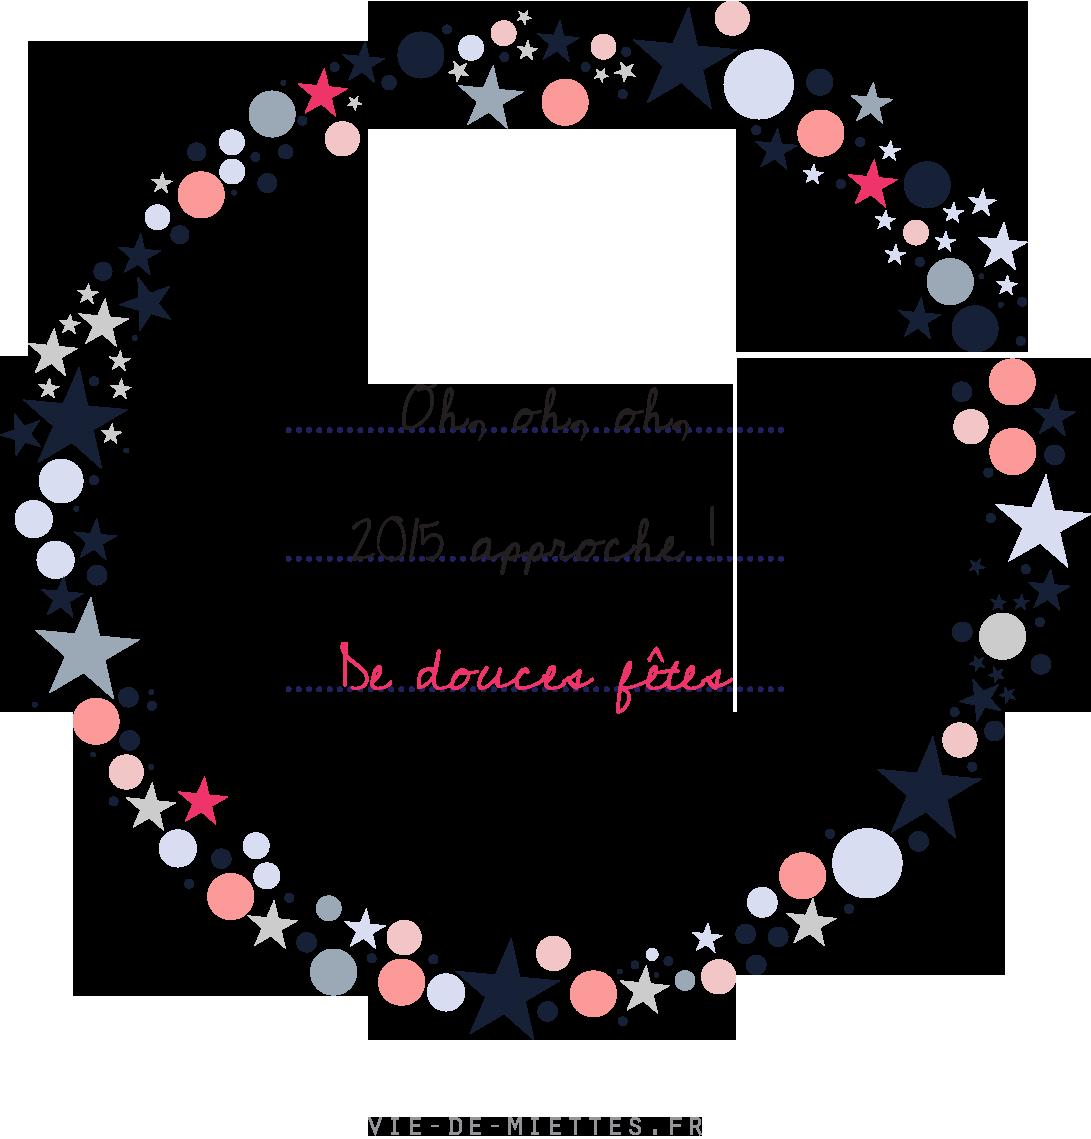 Bannière de blog spécial Noël